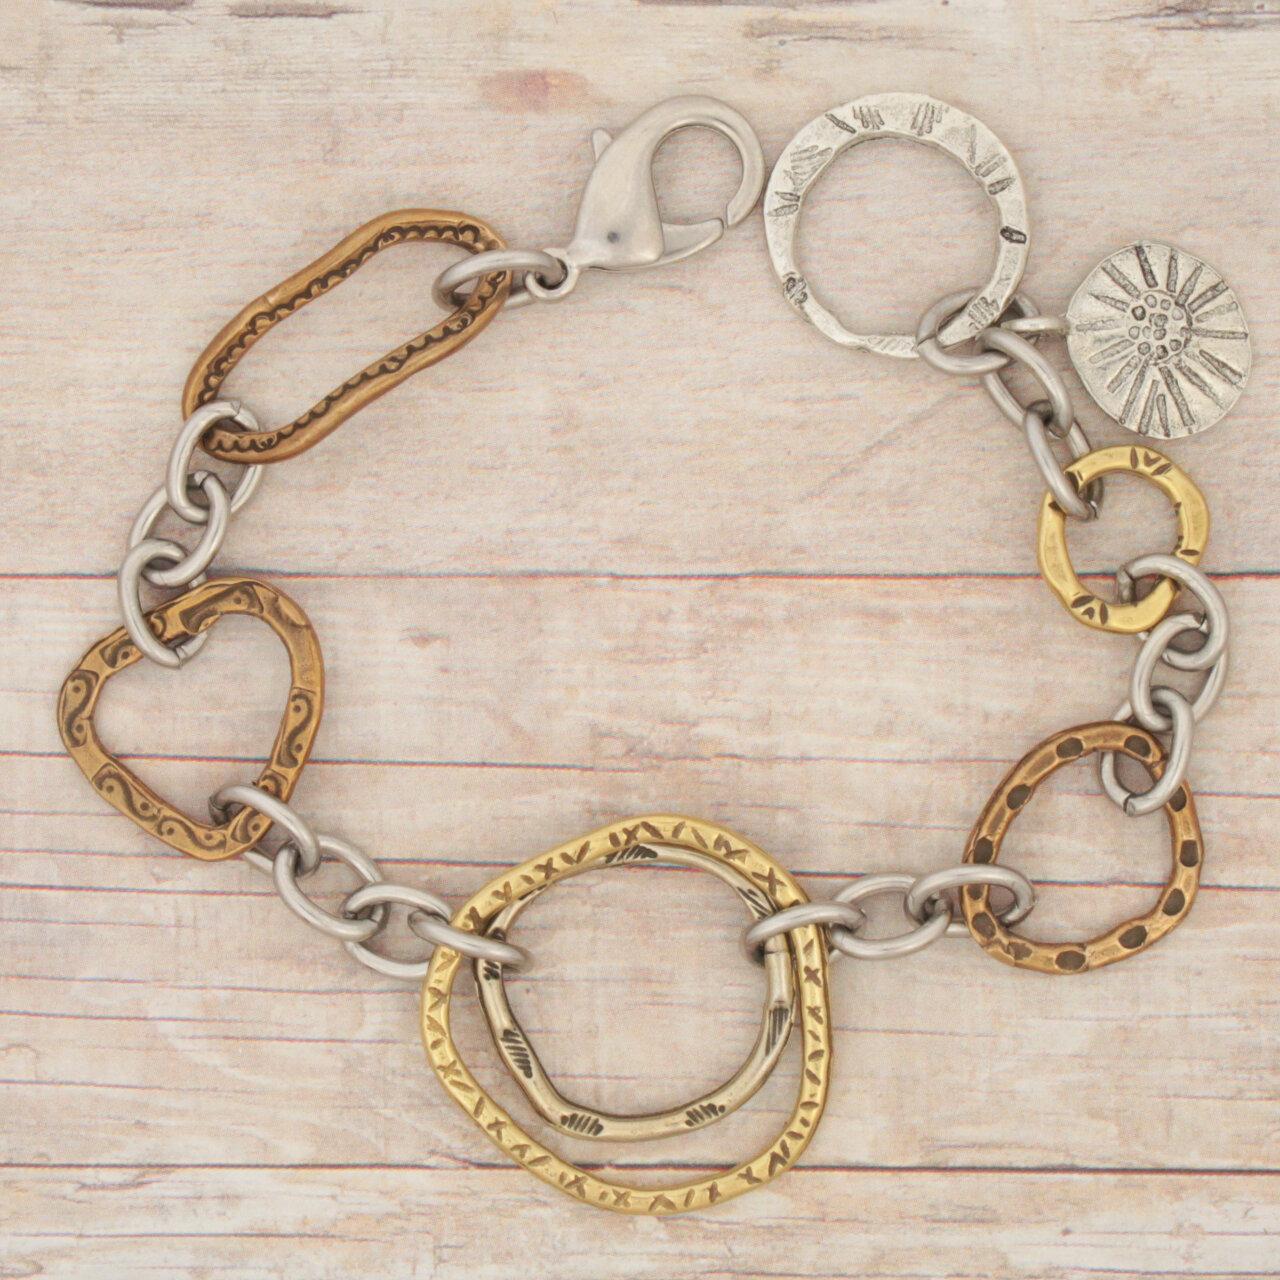 Let's GO Bracelet